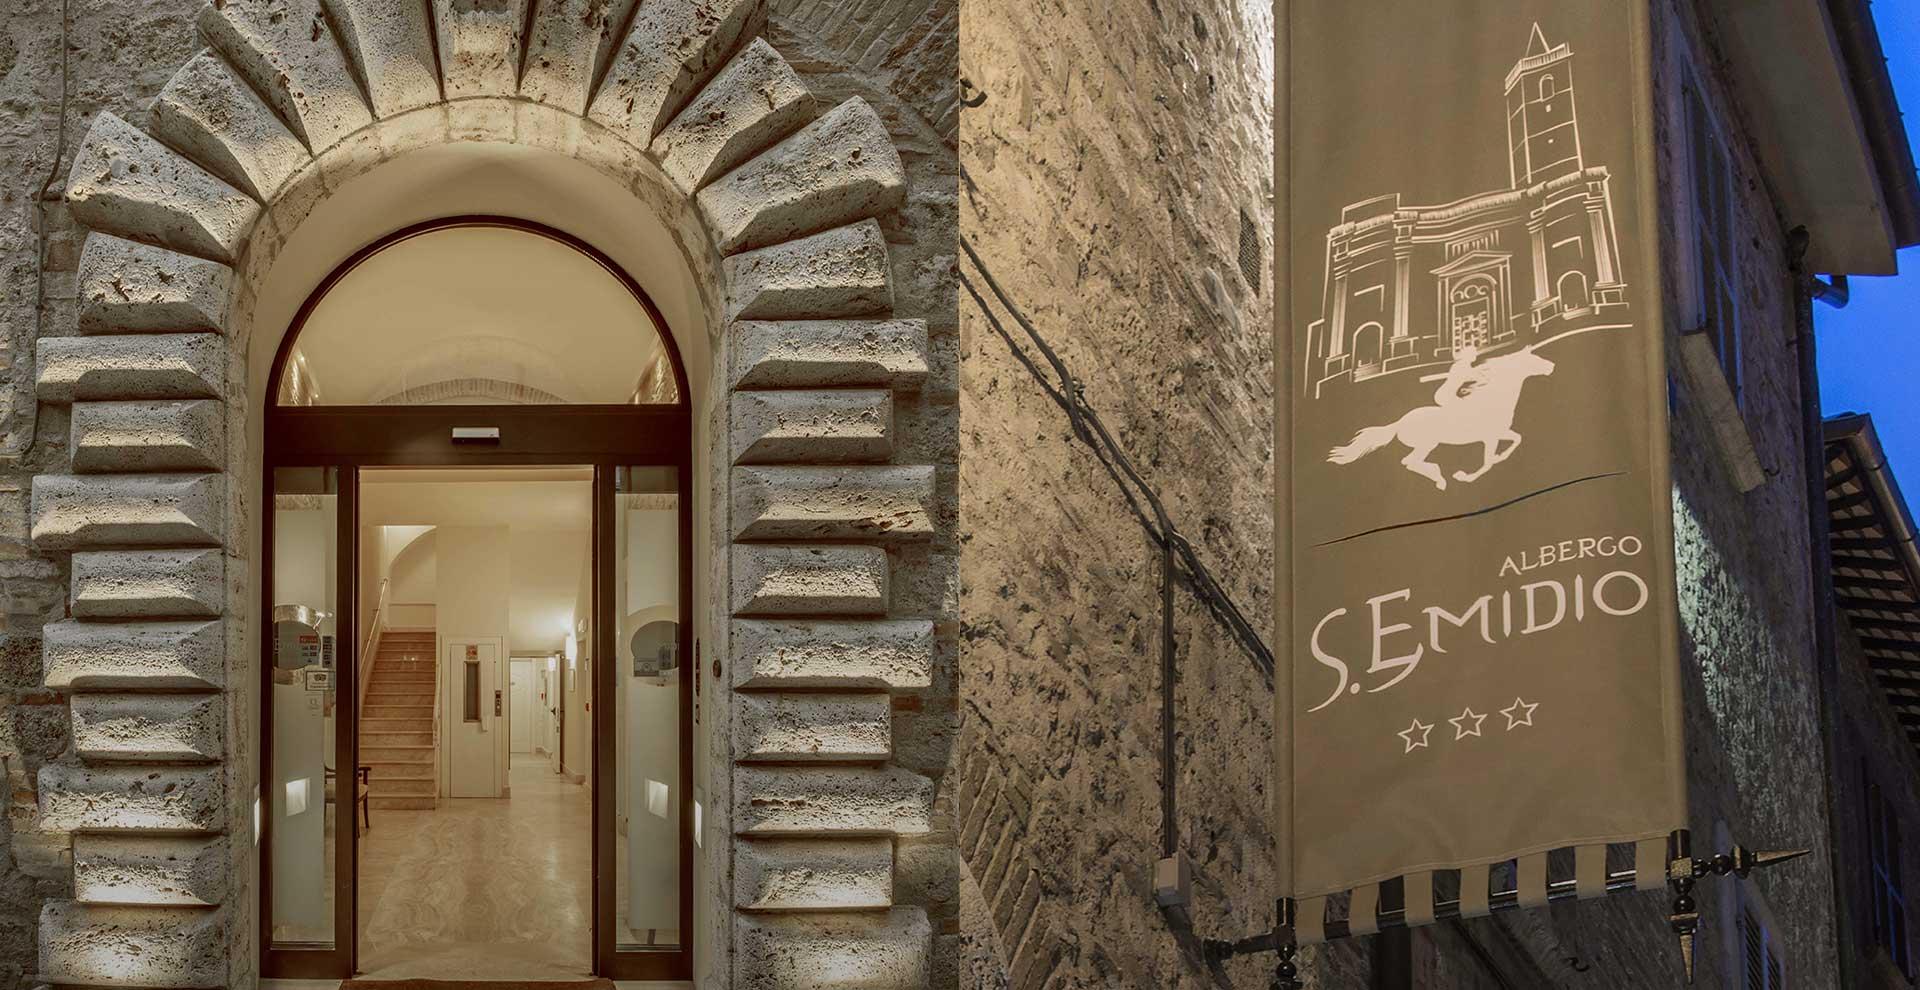 albergo-sant-emidio